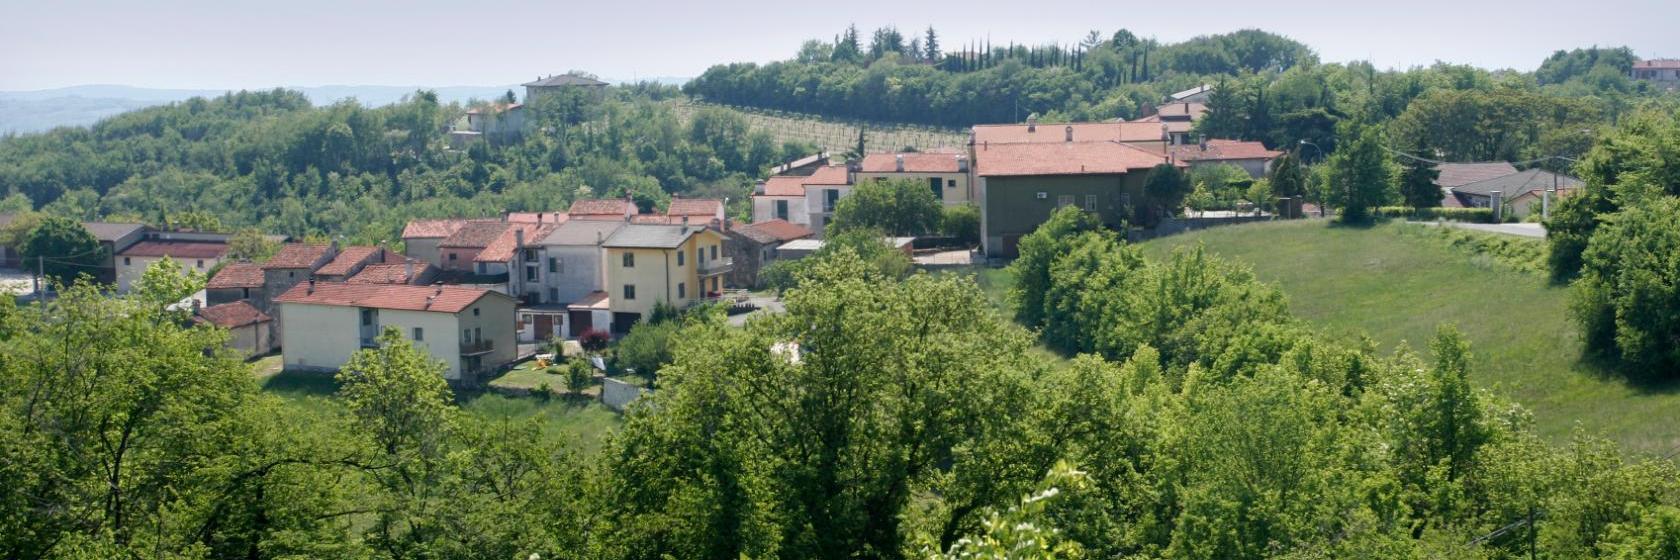 モンテッキオ・マッジョーレ(イタリア)の人気ホテルをお得に予約!